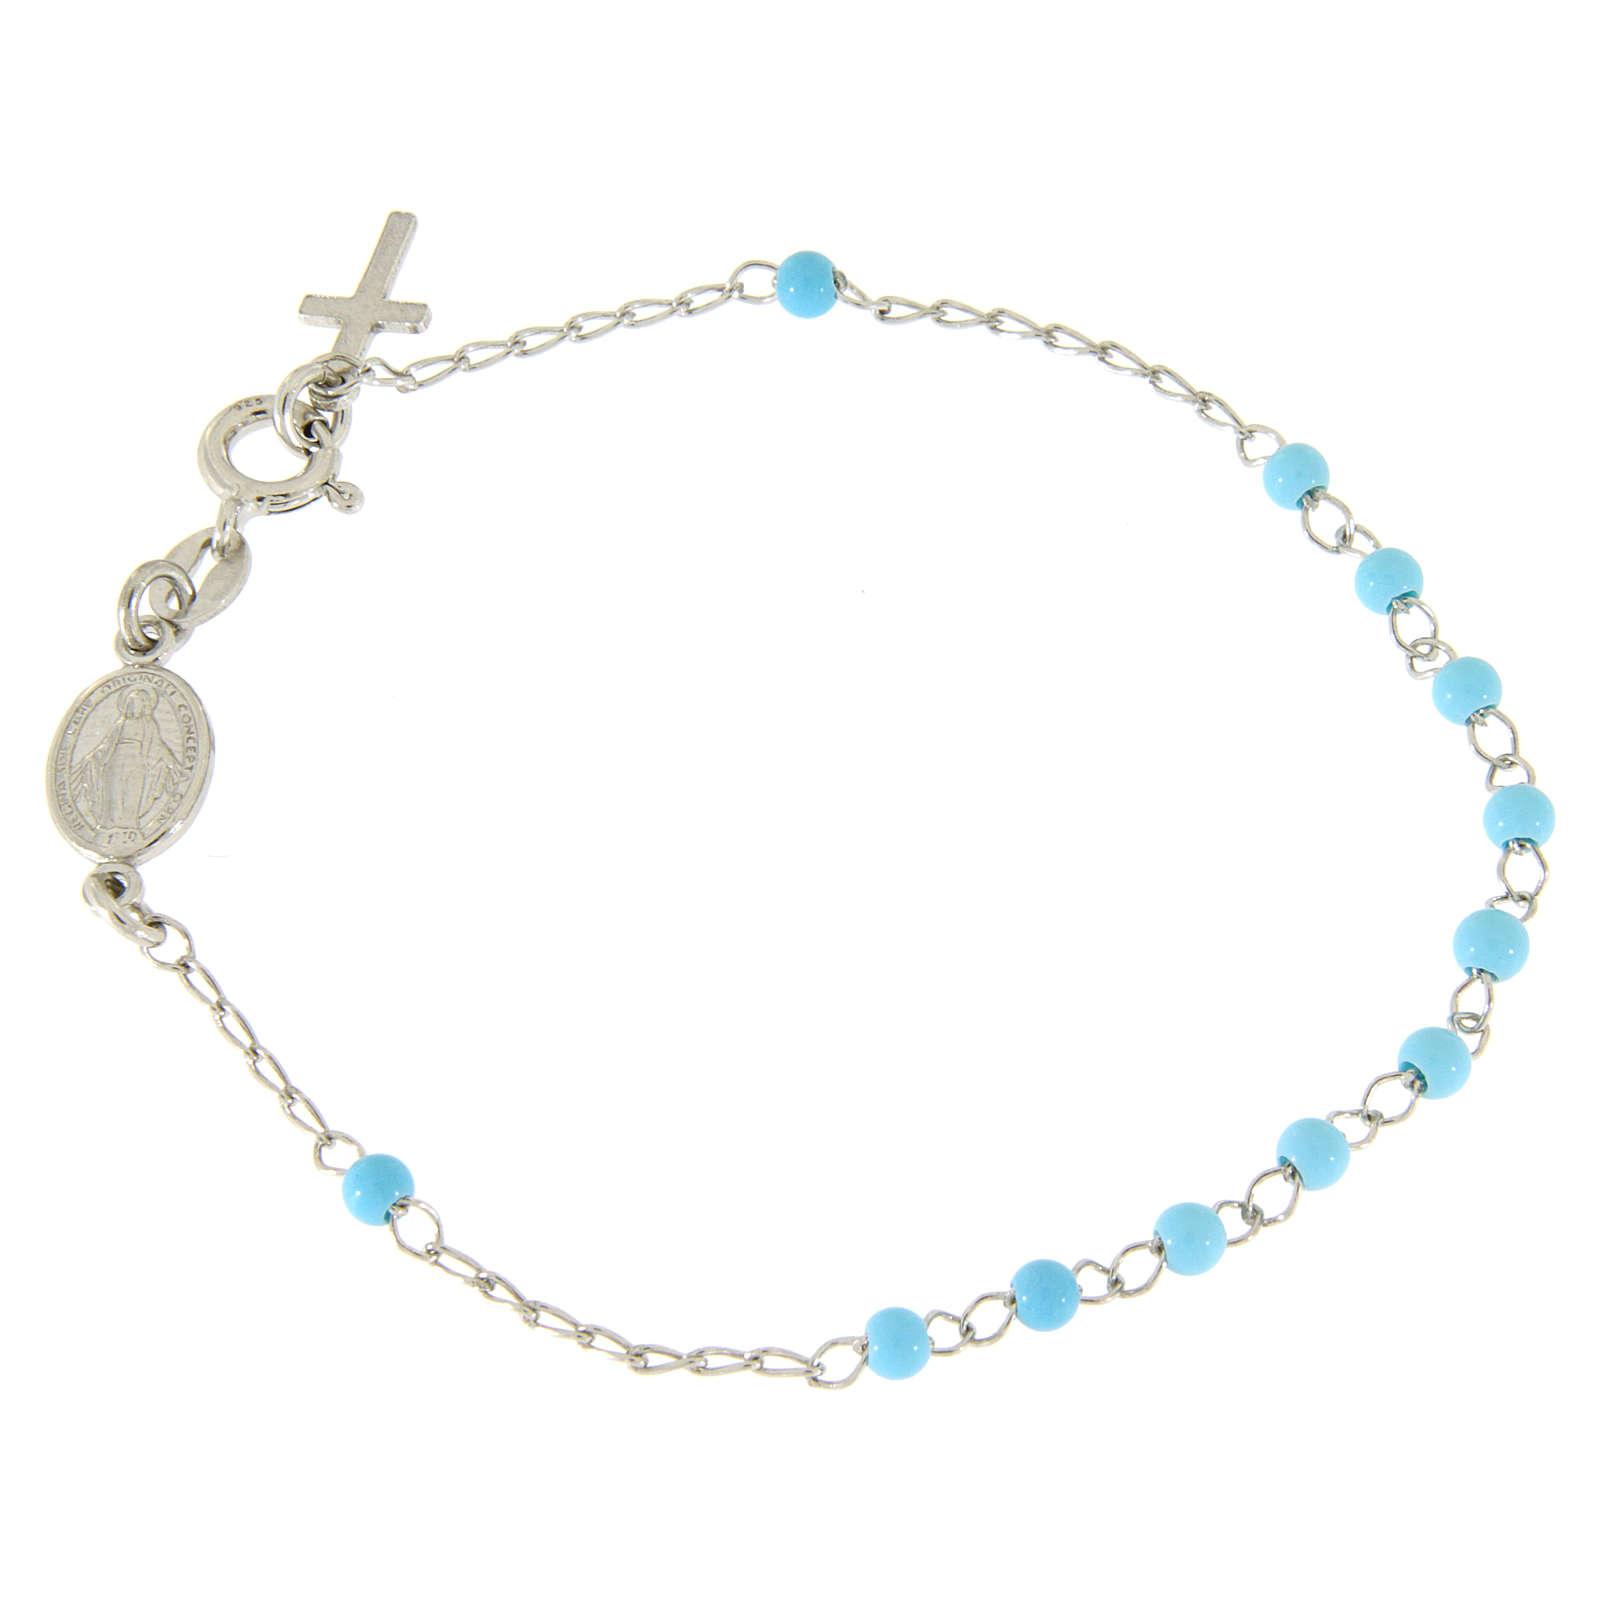 Pulsera rosario esfera celeste 4 mm y cadena silver 4